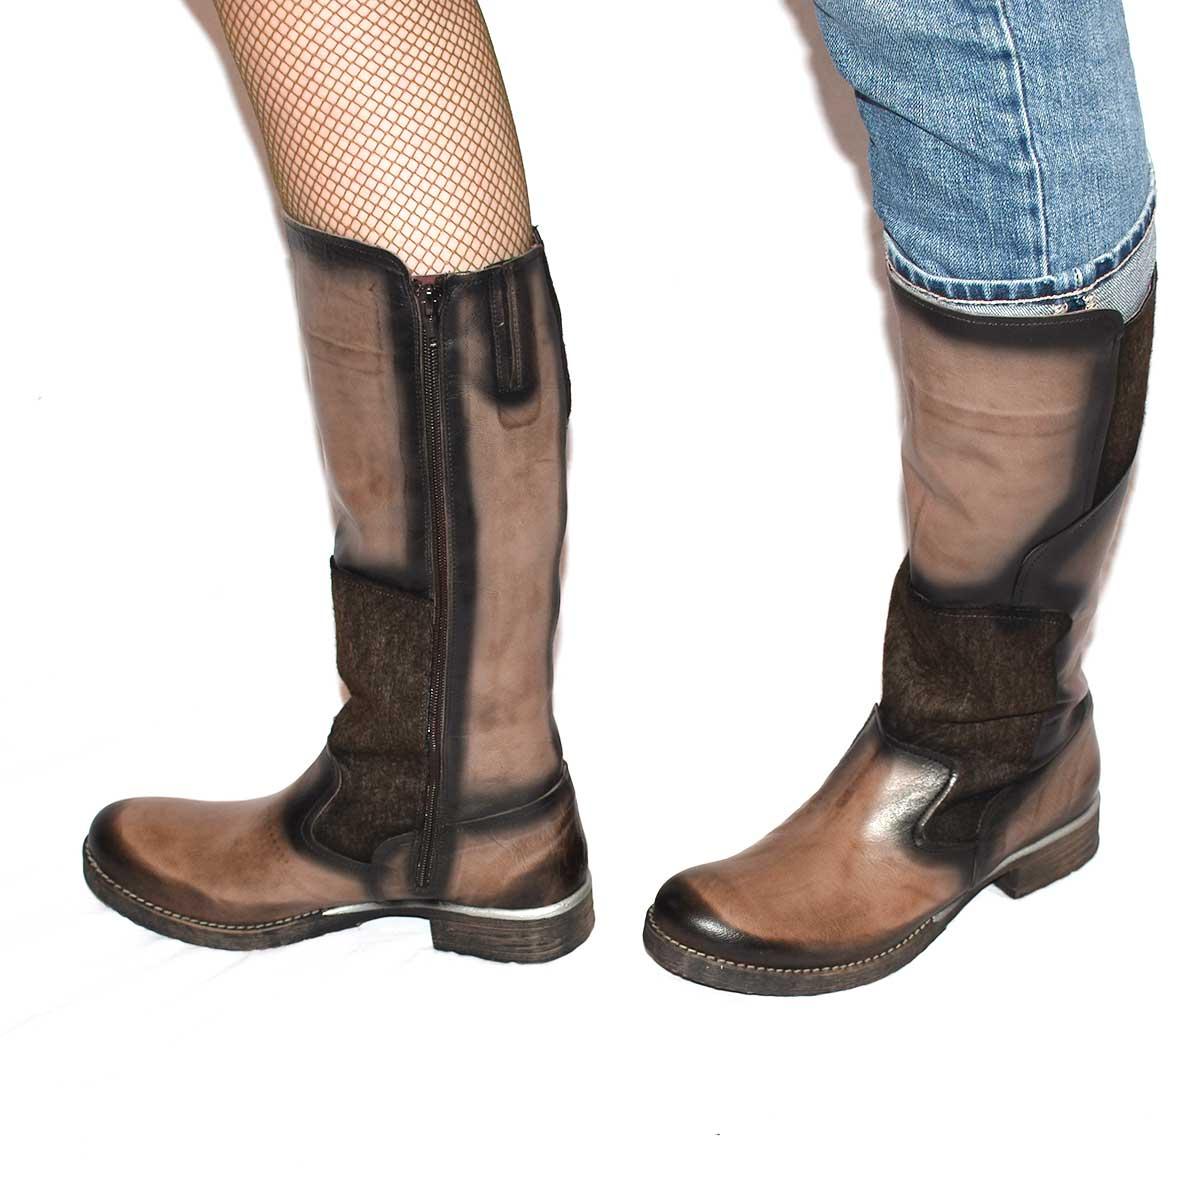 GoGreen Stiefel Boots aus Leder mit Textil kombiniert